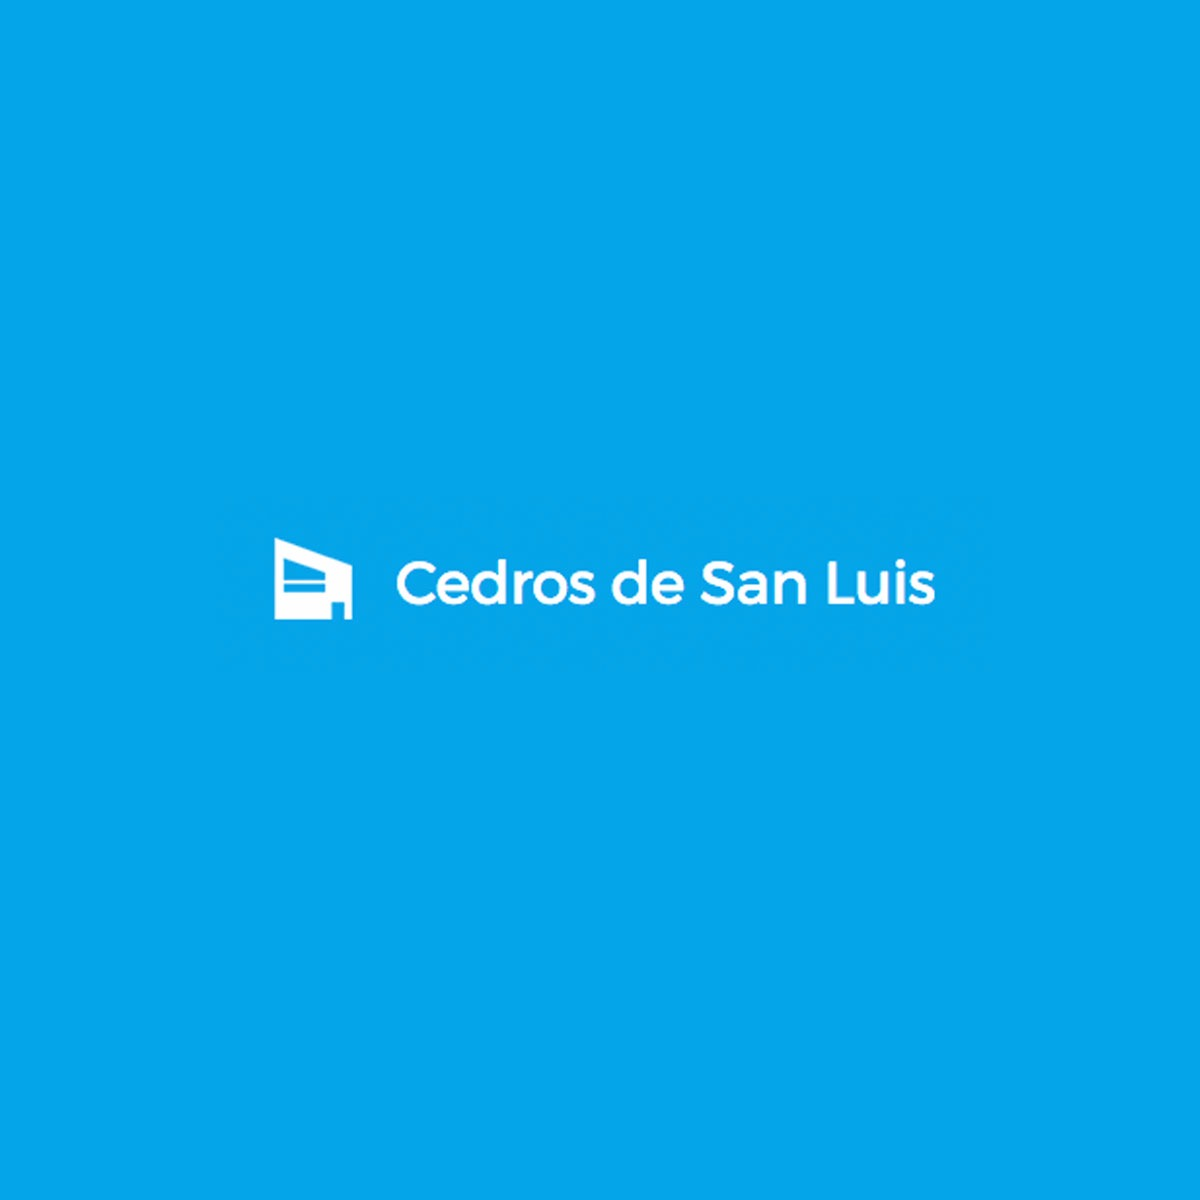 Cedros de San Luis